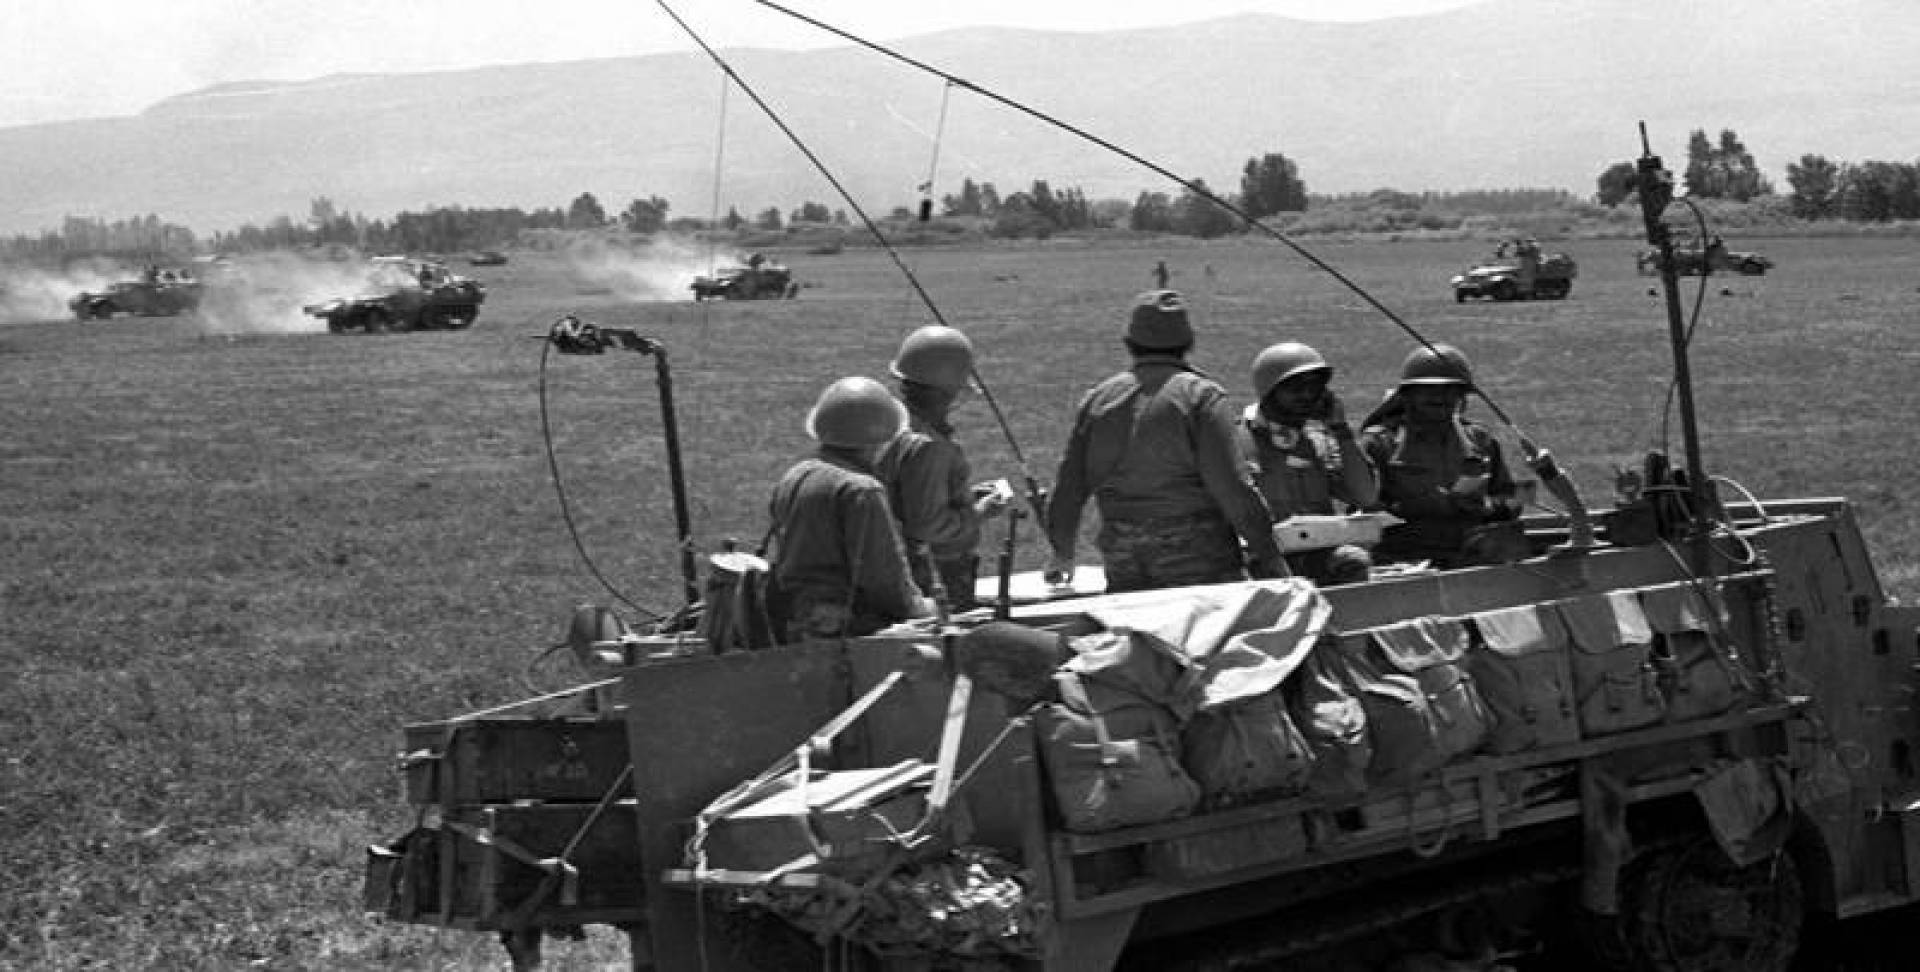 عربات حربية إسرائيلية.. صورة أرشيفية